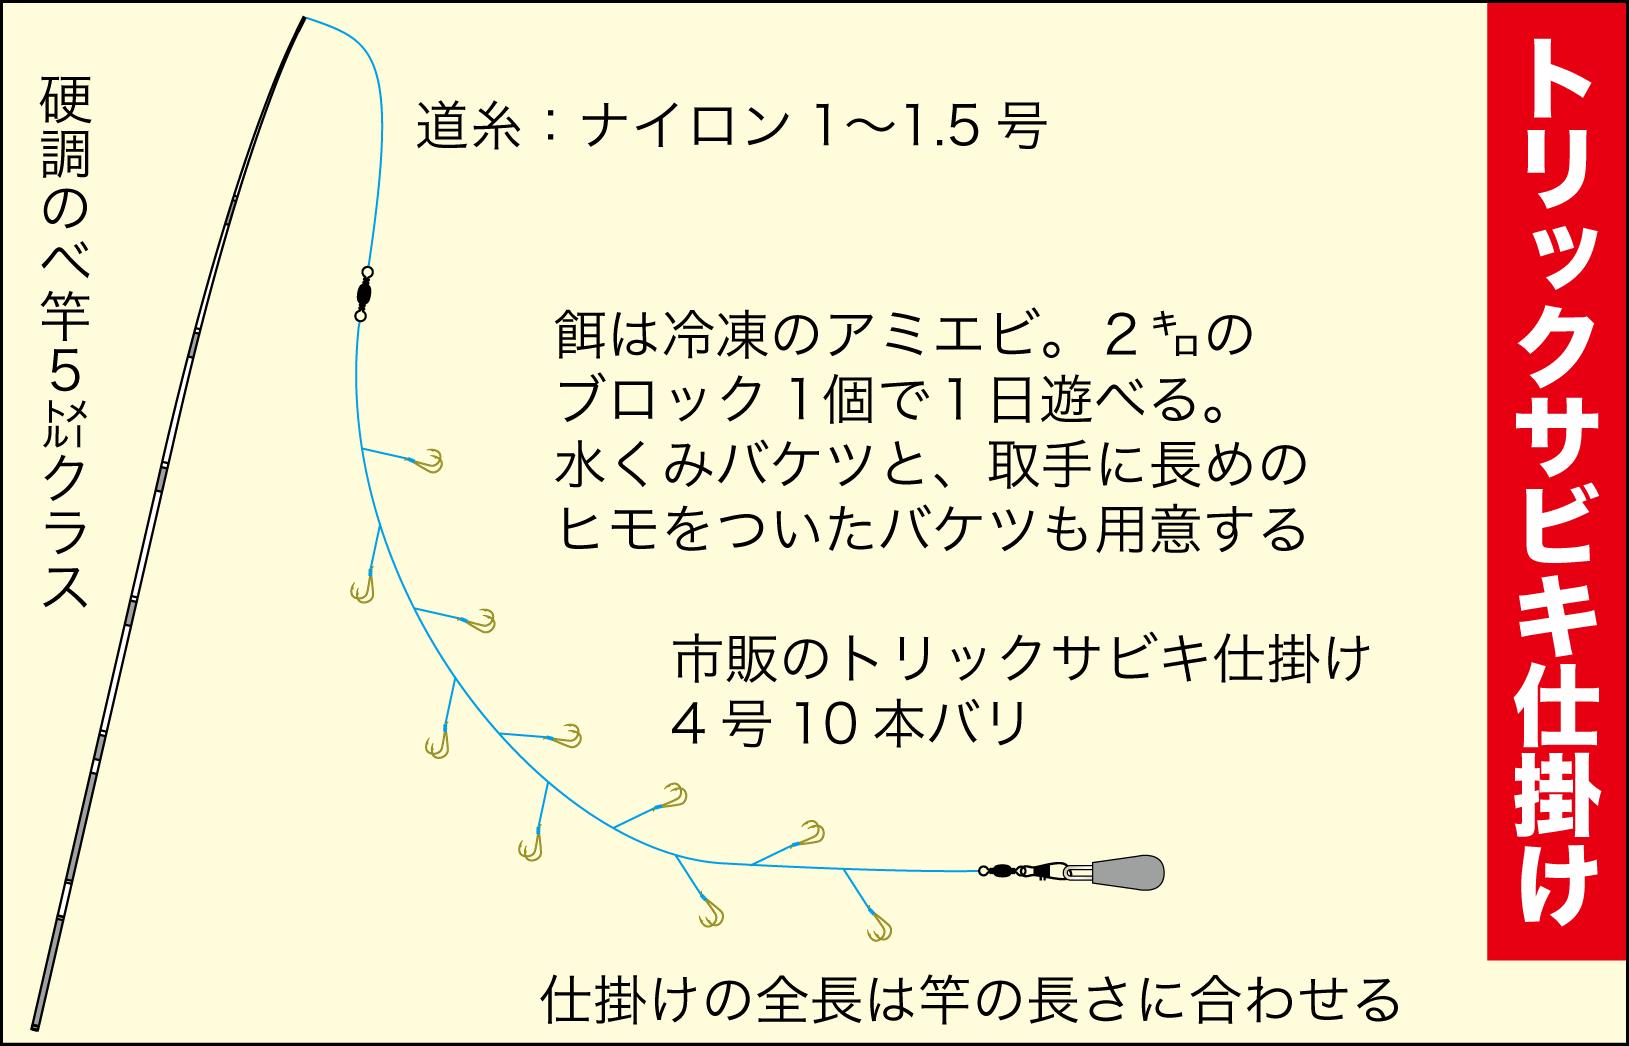 のべ竿大漁プラン2-16